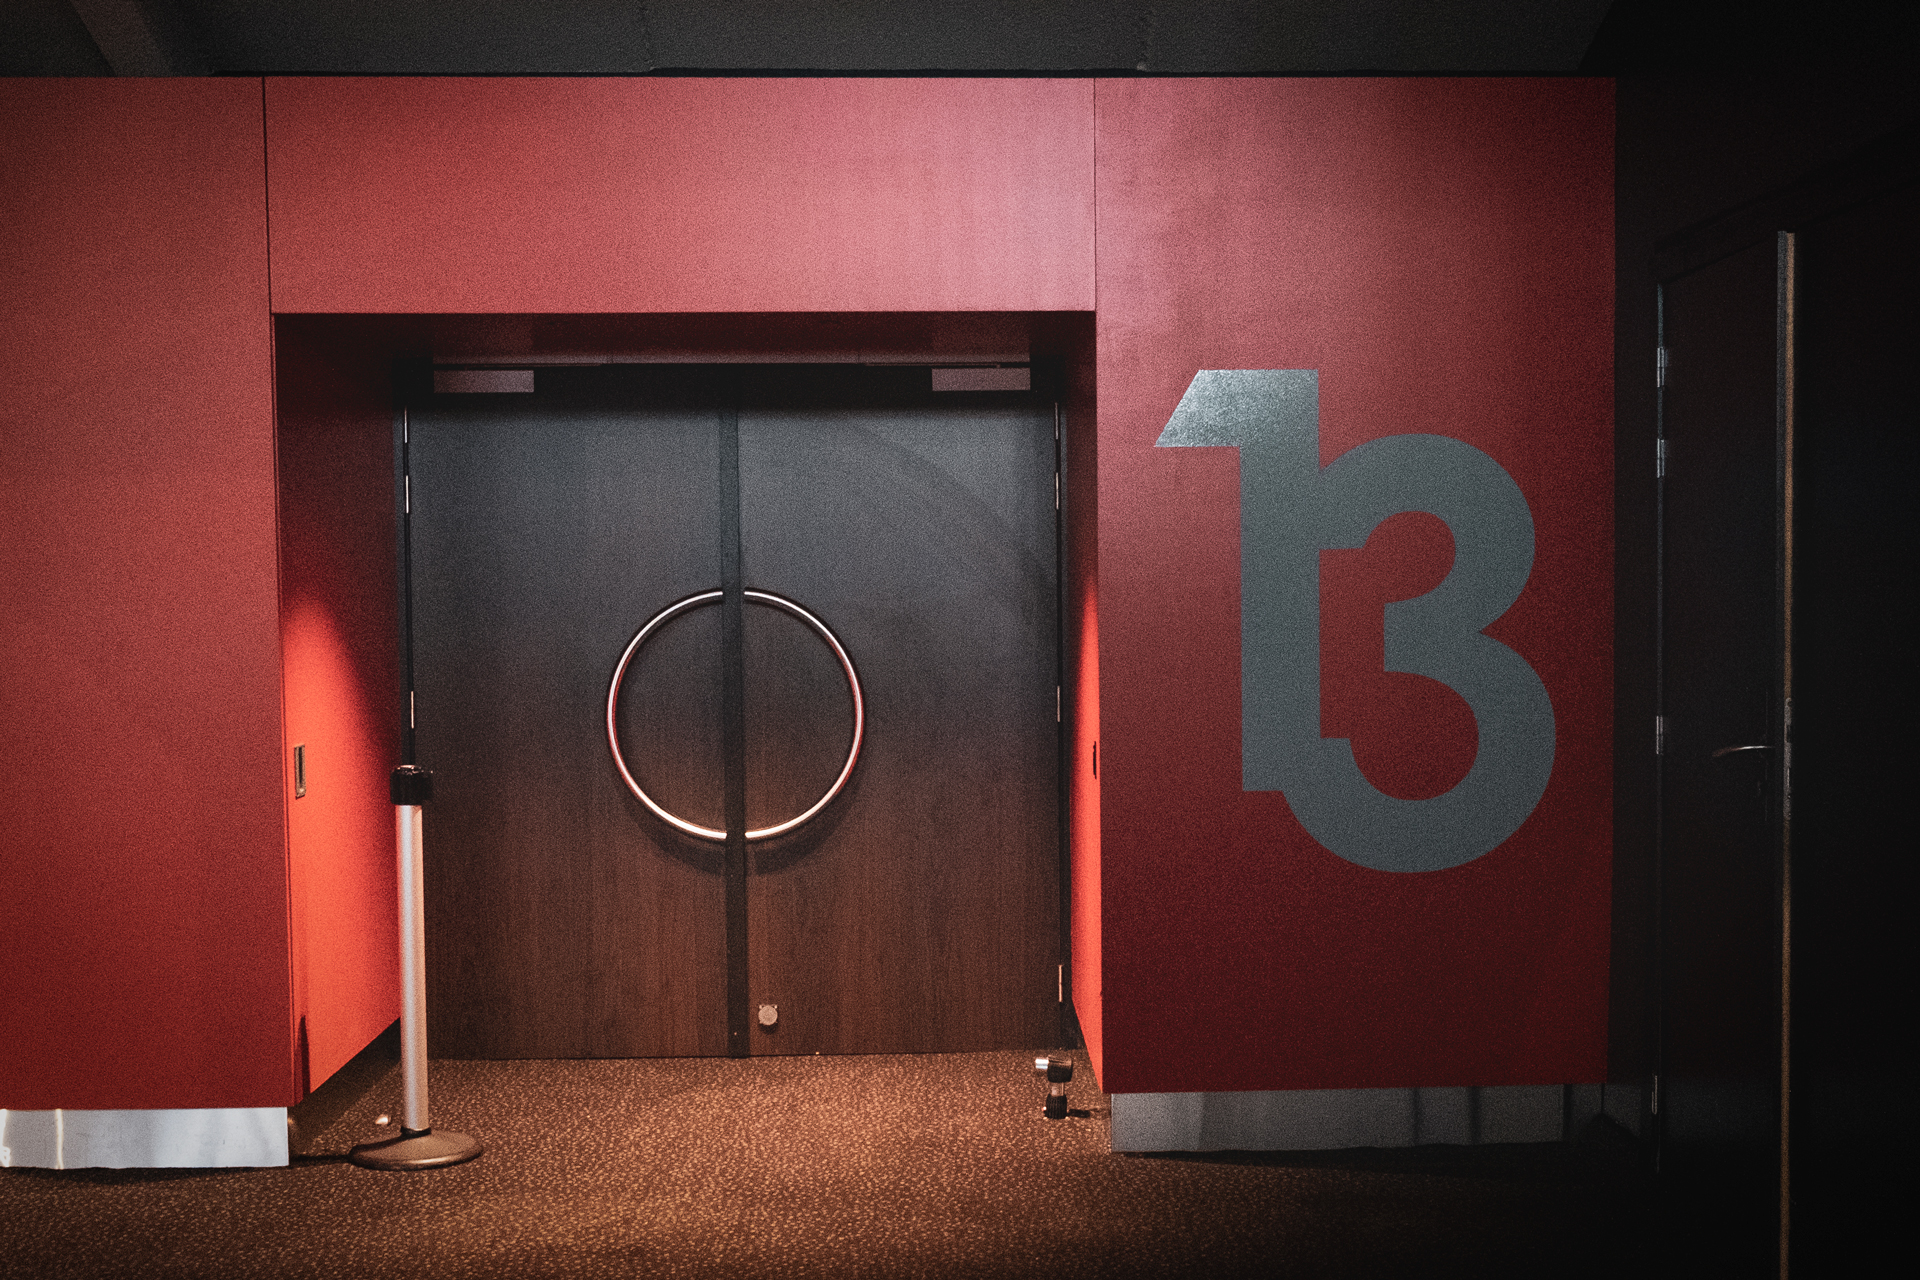 Zaal 13 in Kinepolis Antwerpen